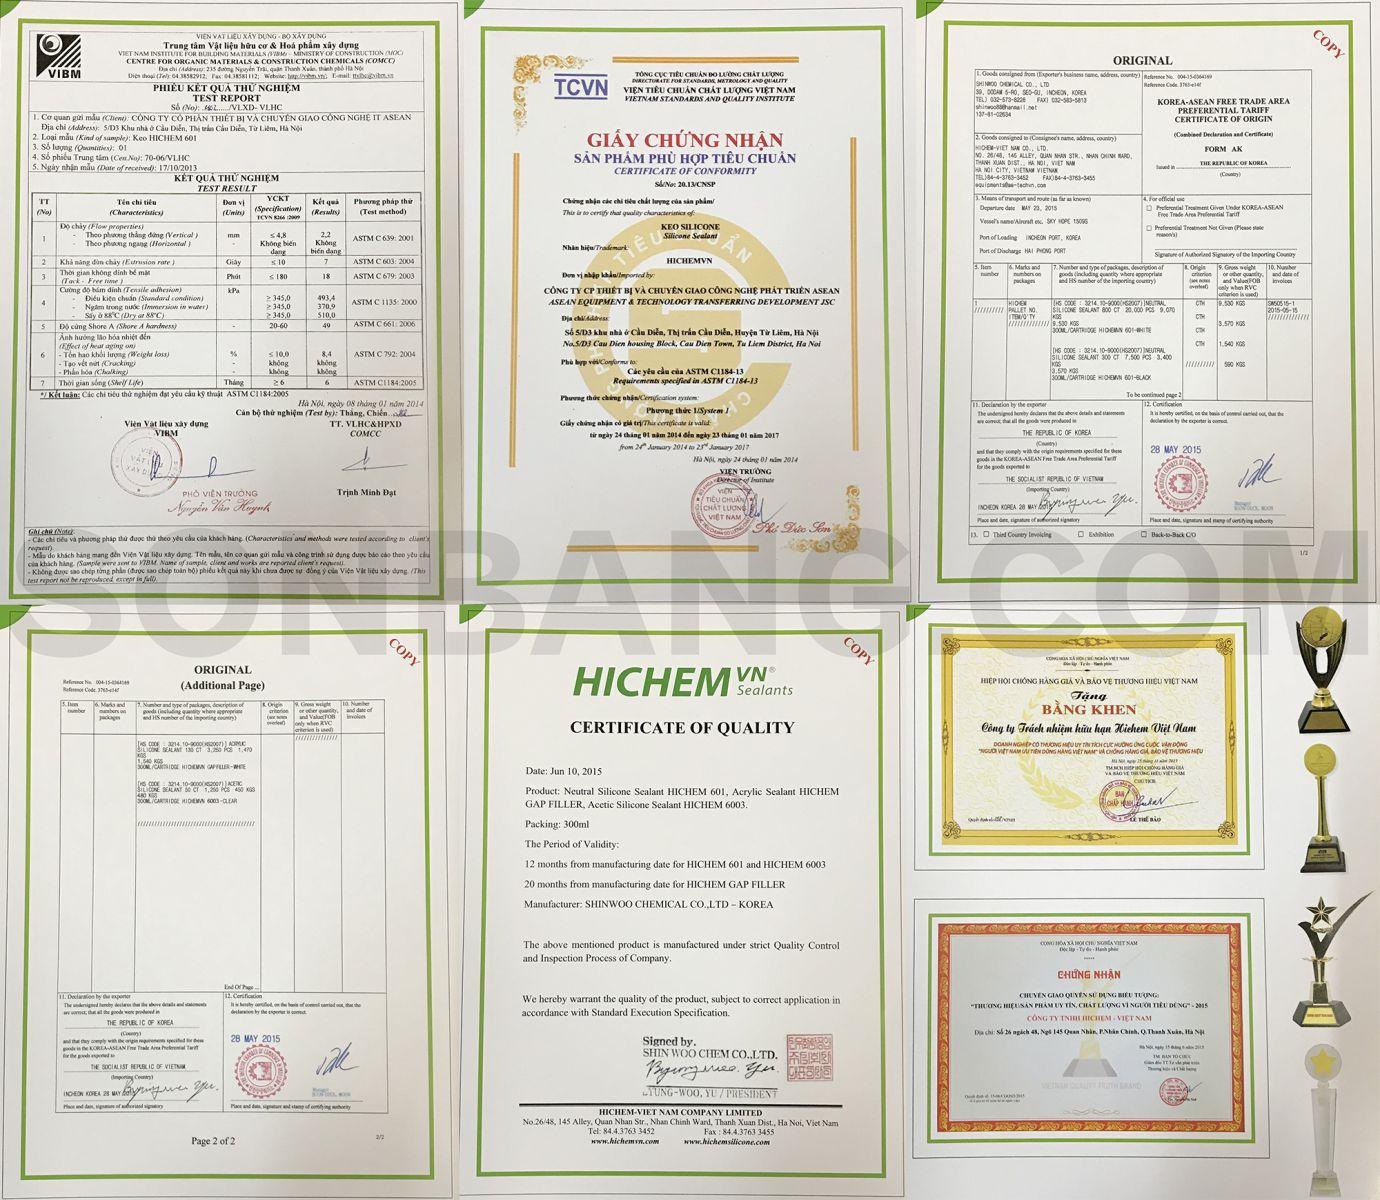 chứng nhận thử nghiệm chất lượng keo hichem trung tính